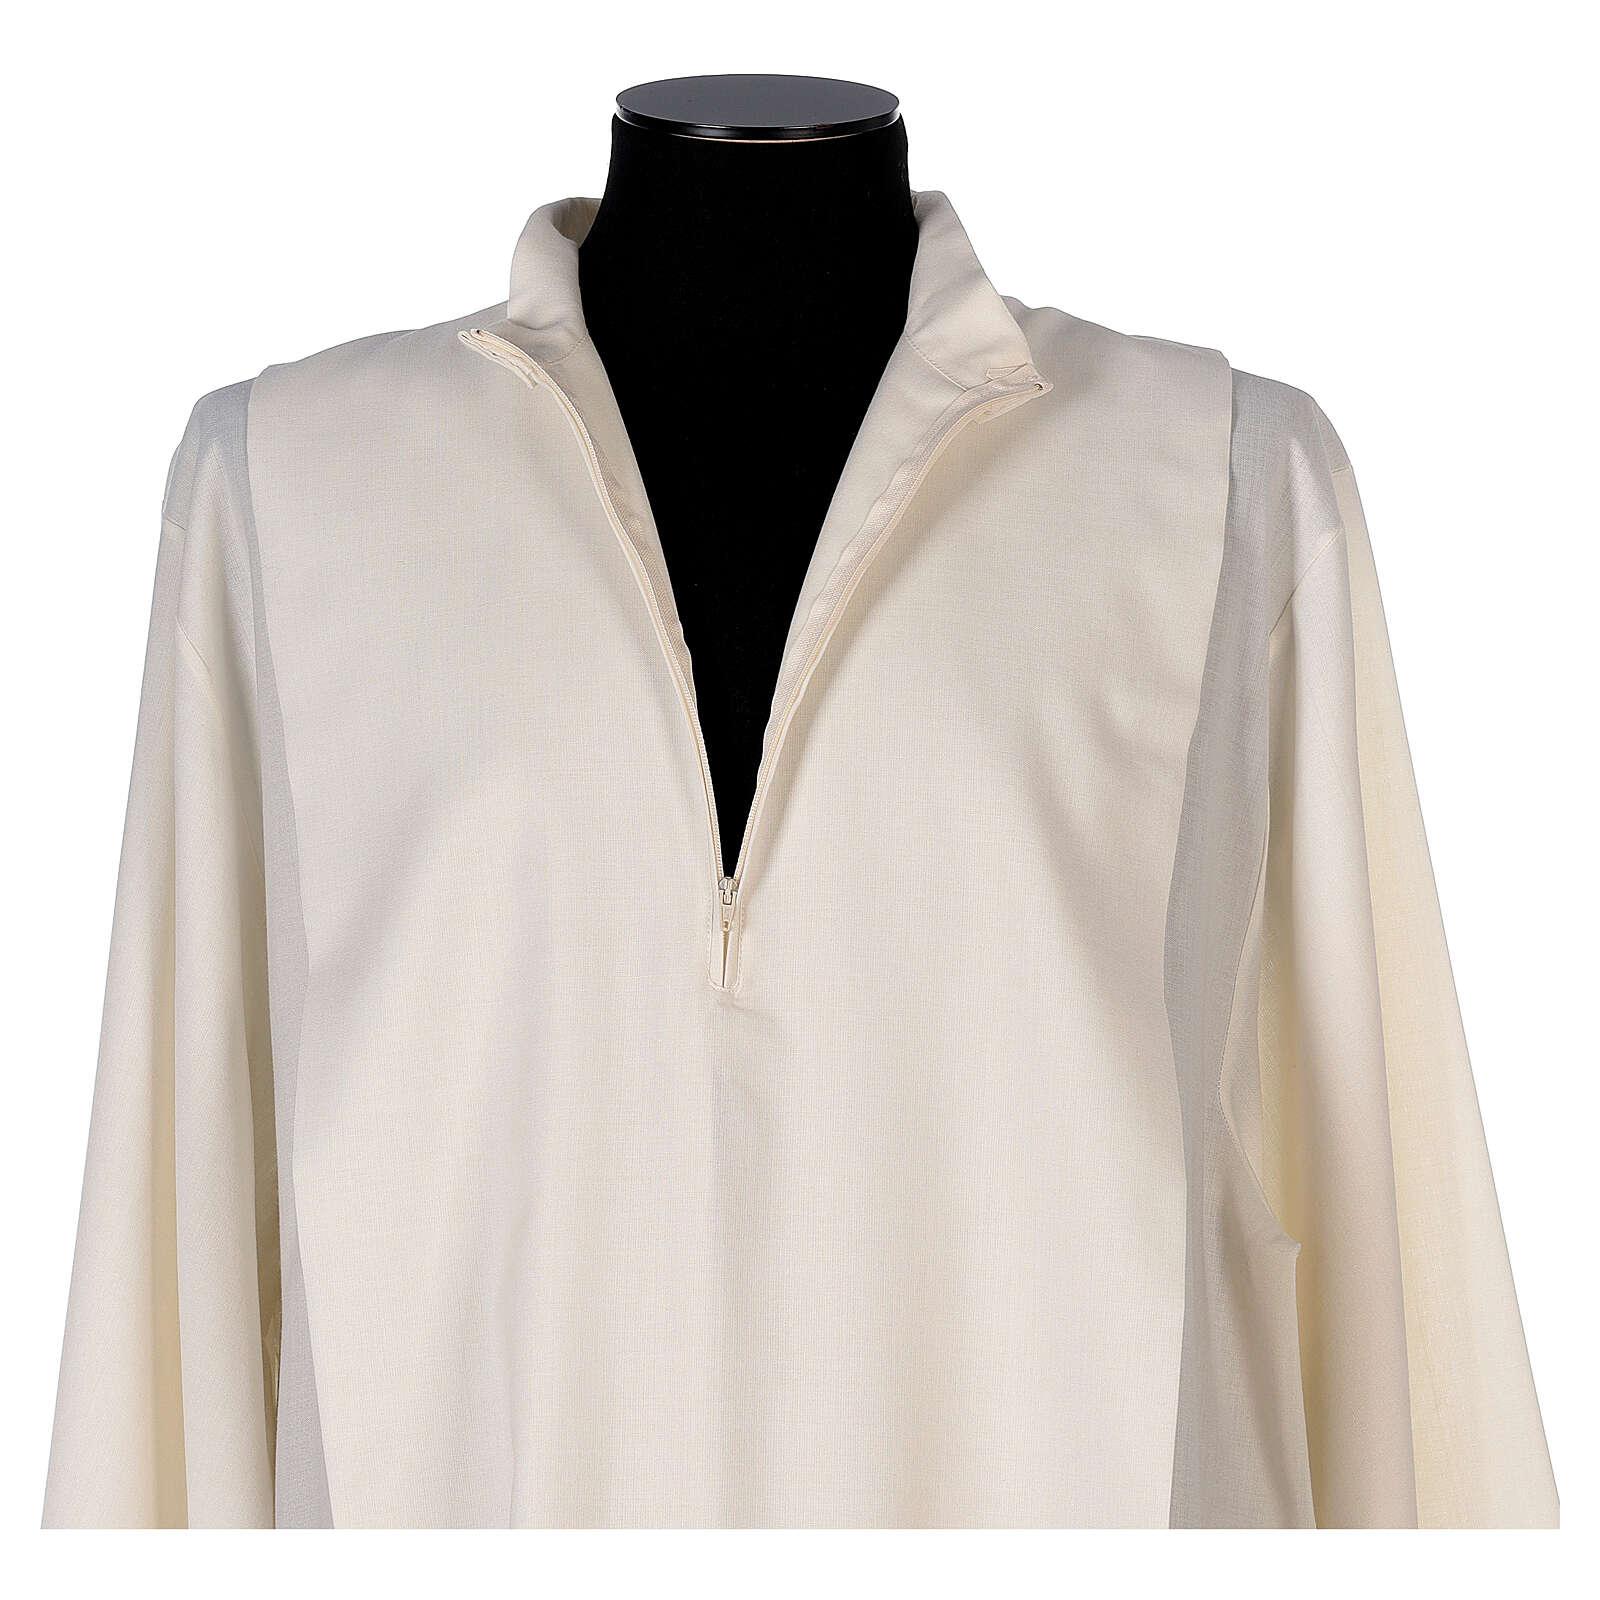 Camice 55% poliestere 45% lana righe oro avorio 4